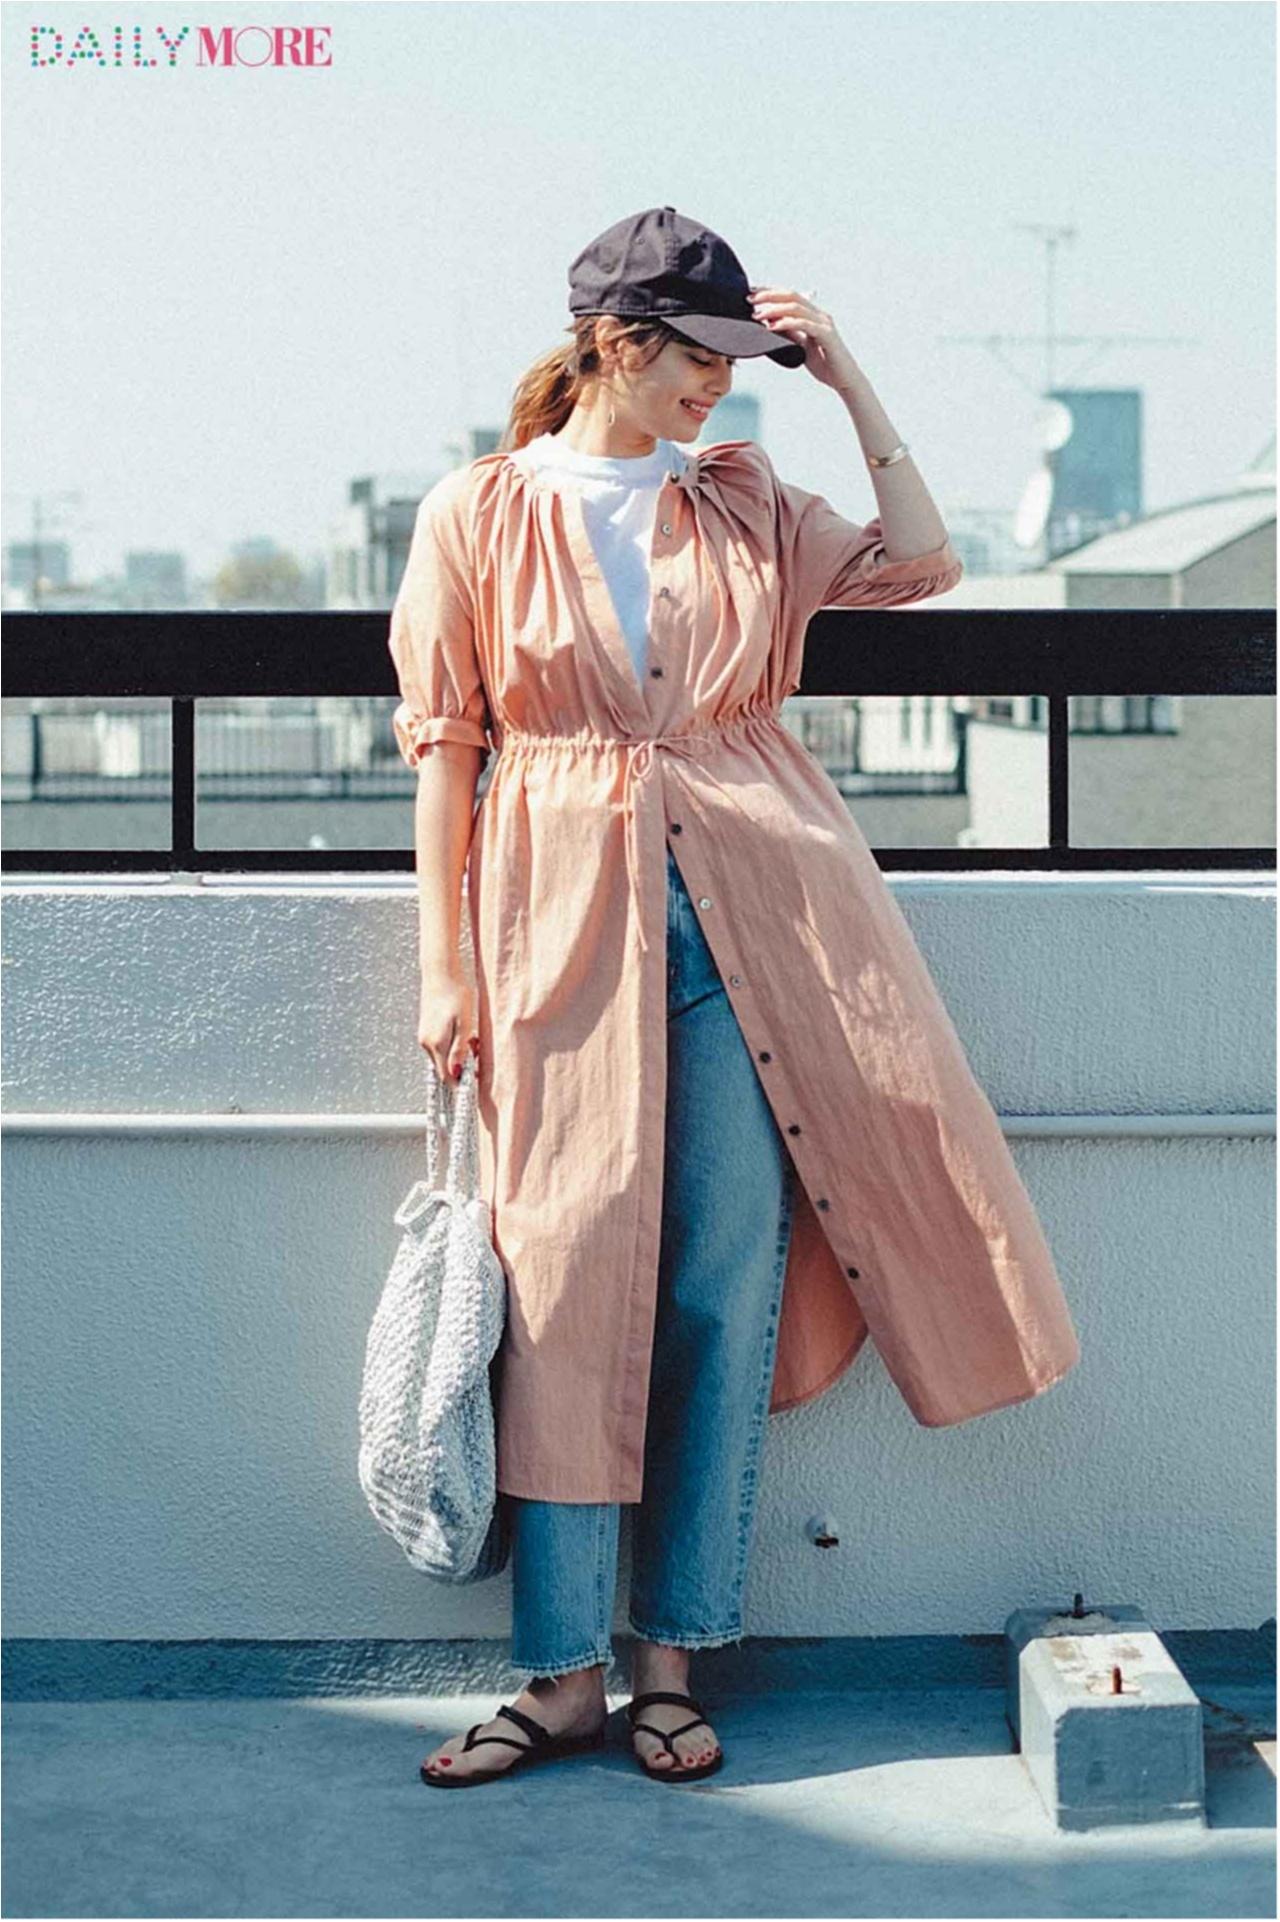 楽してかわいく夏らしく♪ 「サマードレス」コーデまとめ♡_1_5